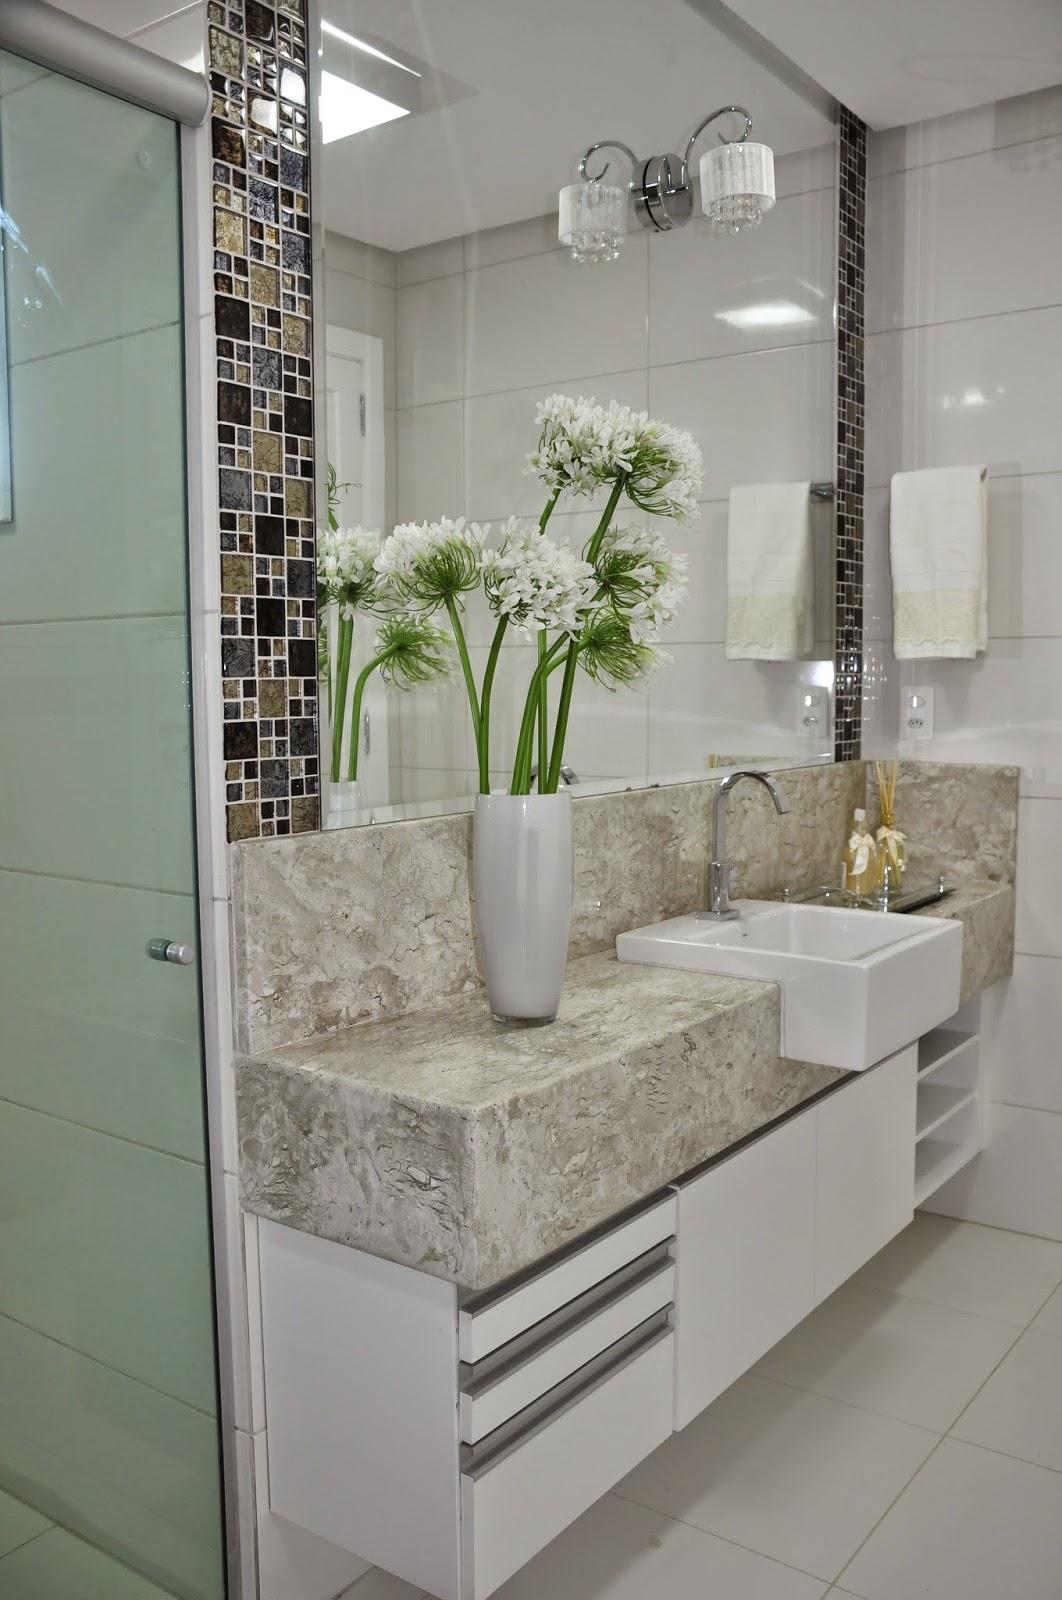 Blog Lívia Bonfim Design de Interiores: Apartamento em Machacalis! #4A5F2C 1062x1600 Bancada Banheiro Marmore Bege Bahia